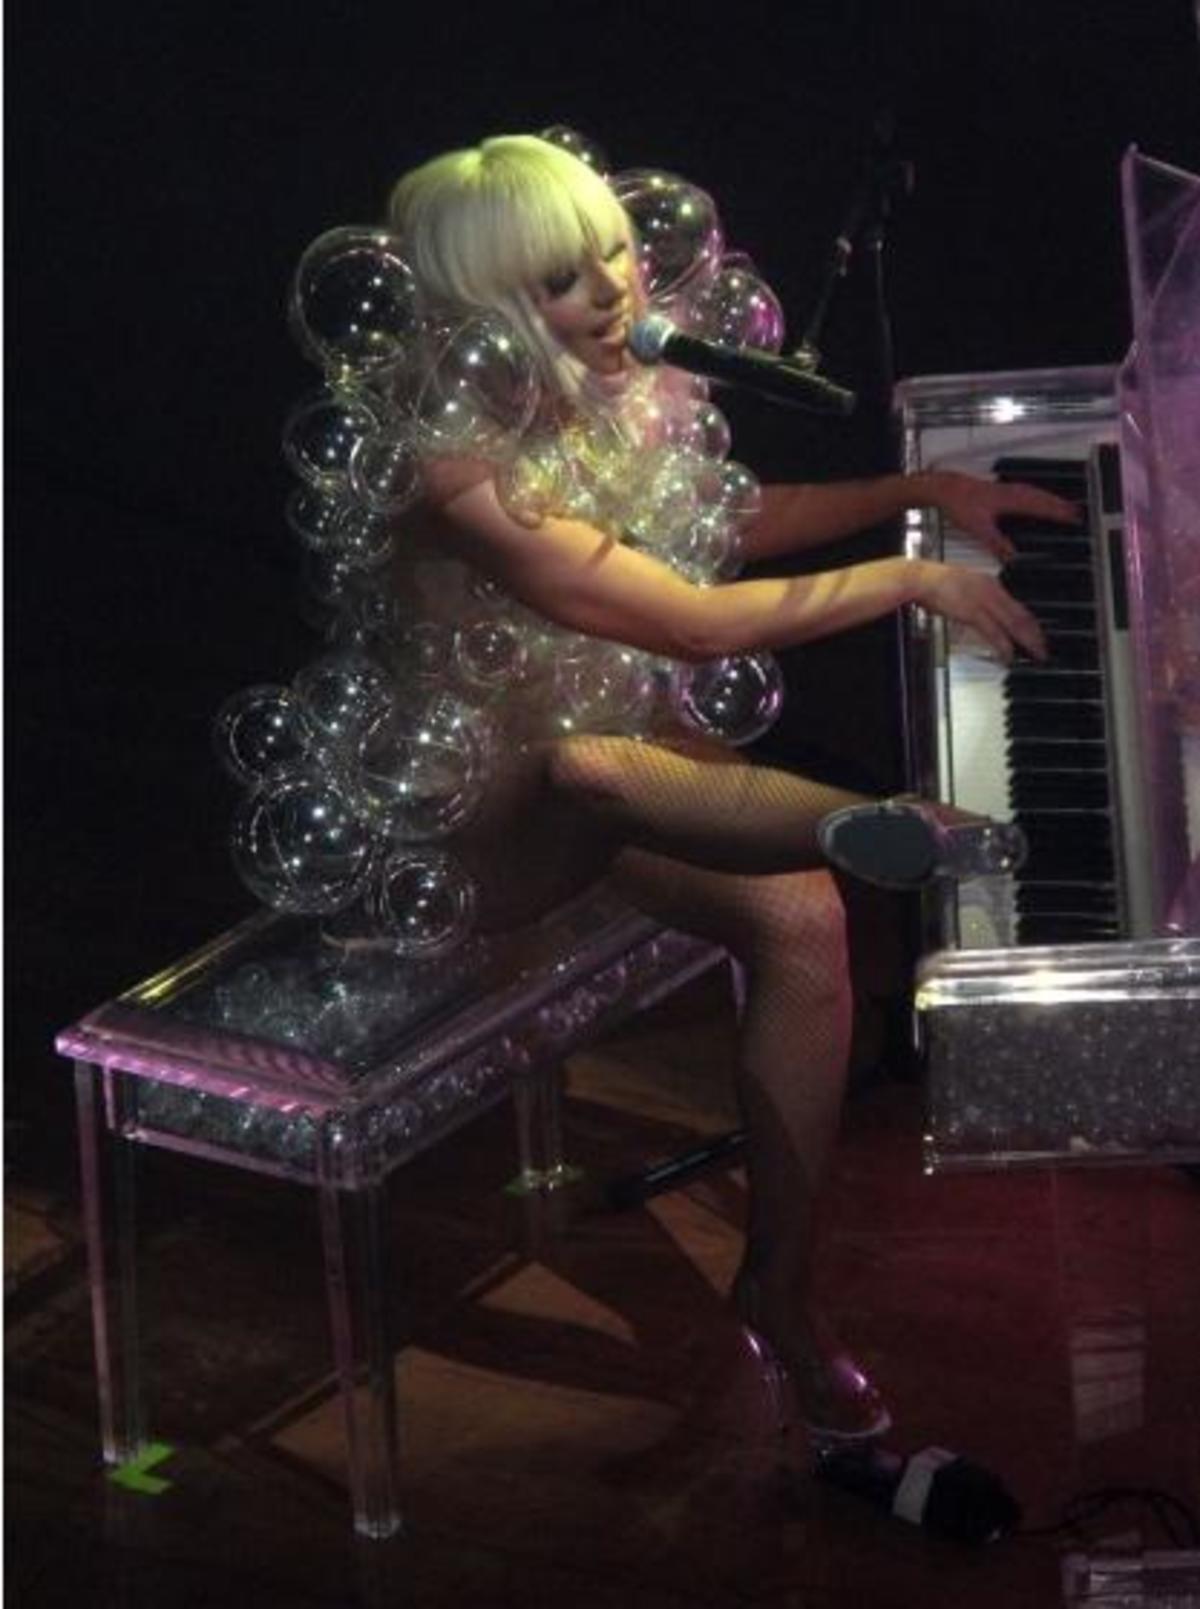 Η Lady Gaga ως μάθημα πανεπιστημίου! | Newsit.gr